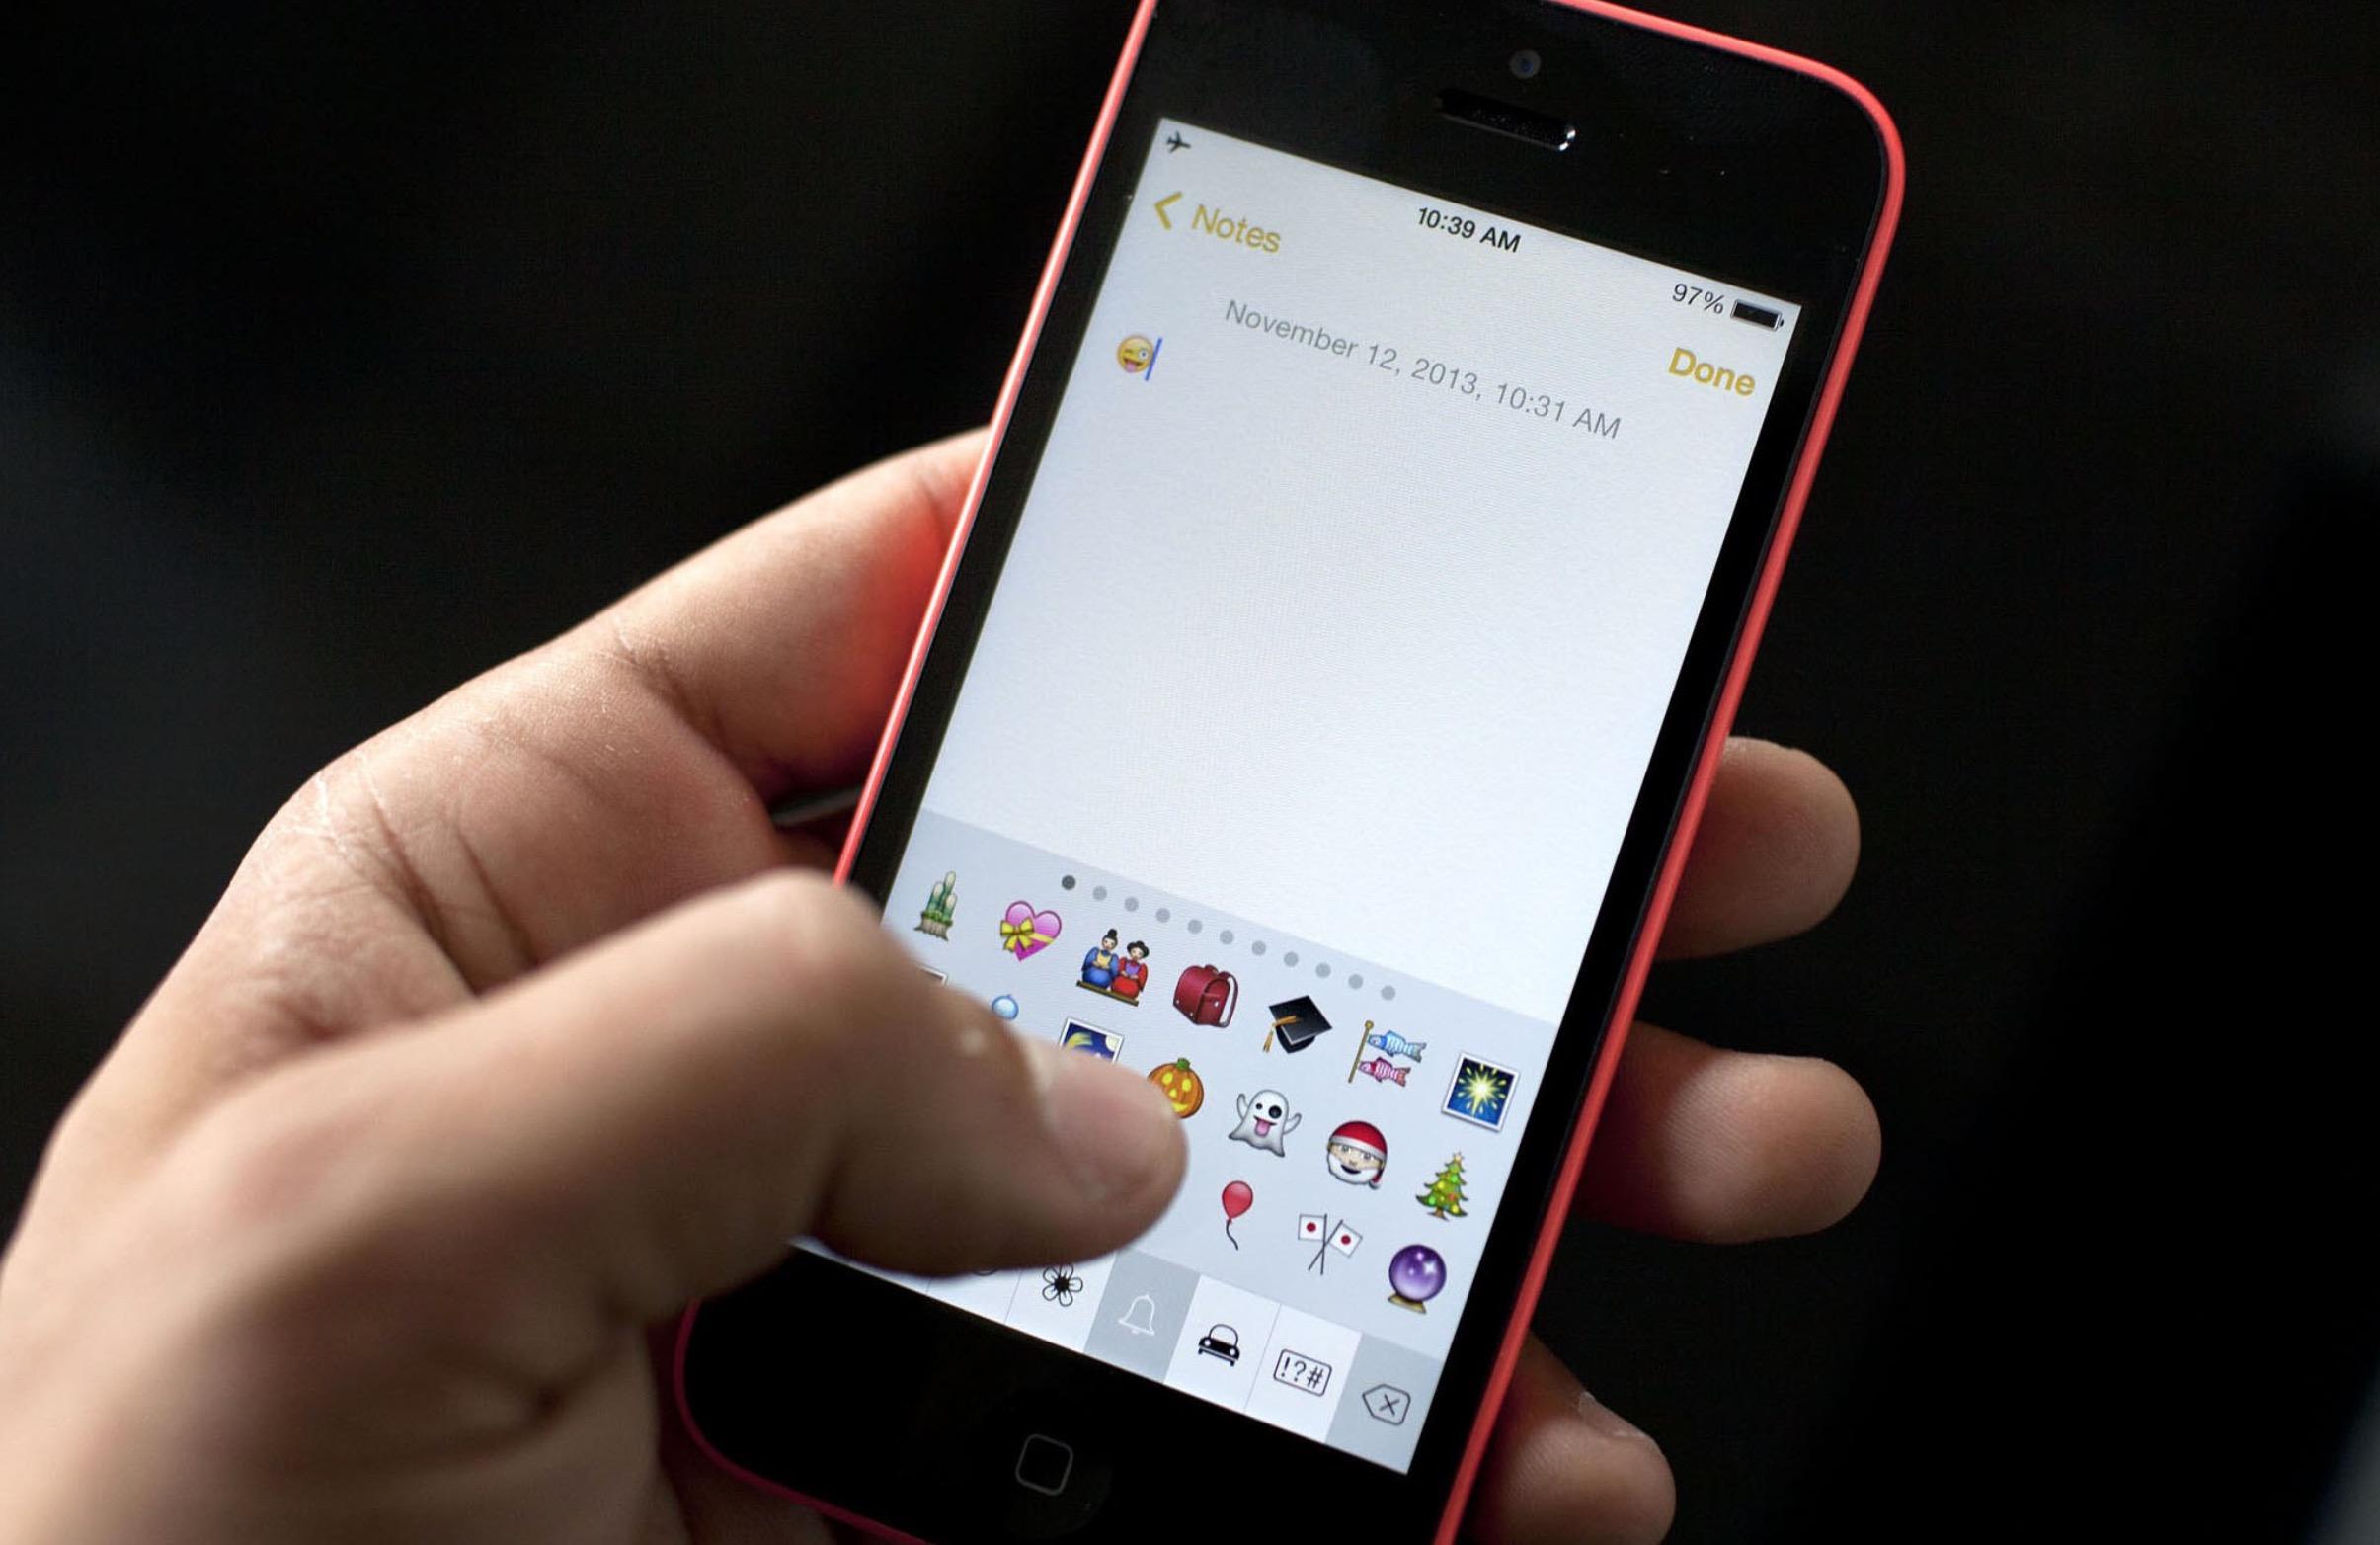 Tastiera Emoji: le migliori per iPhone e Android